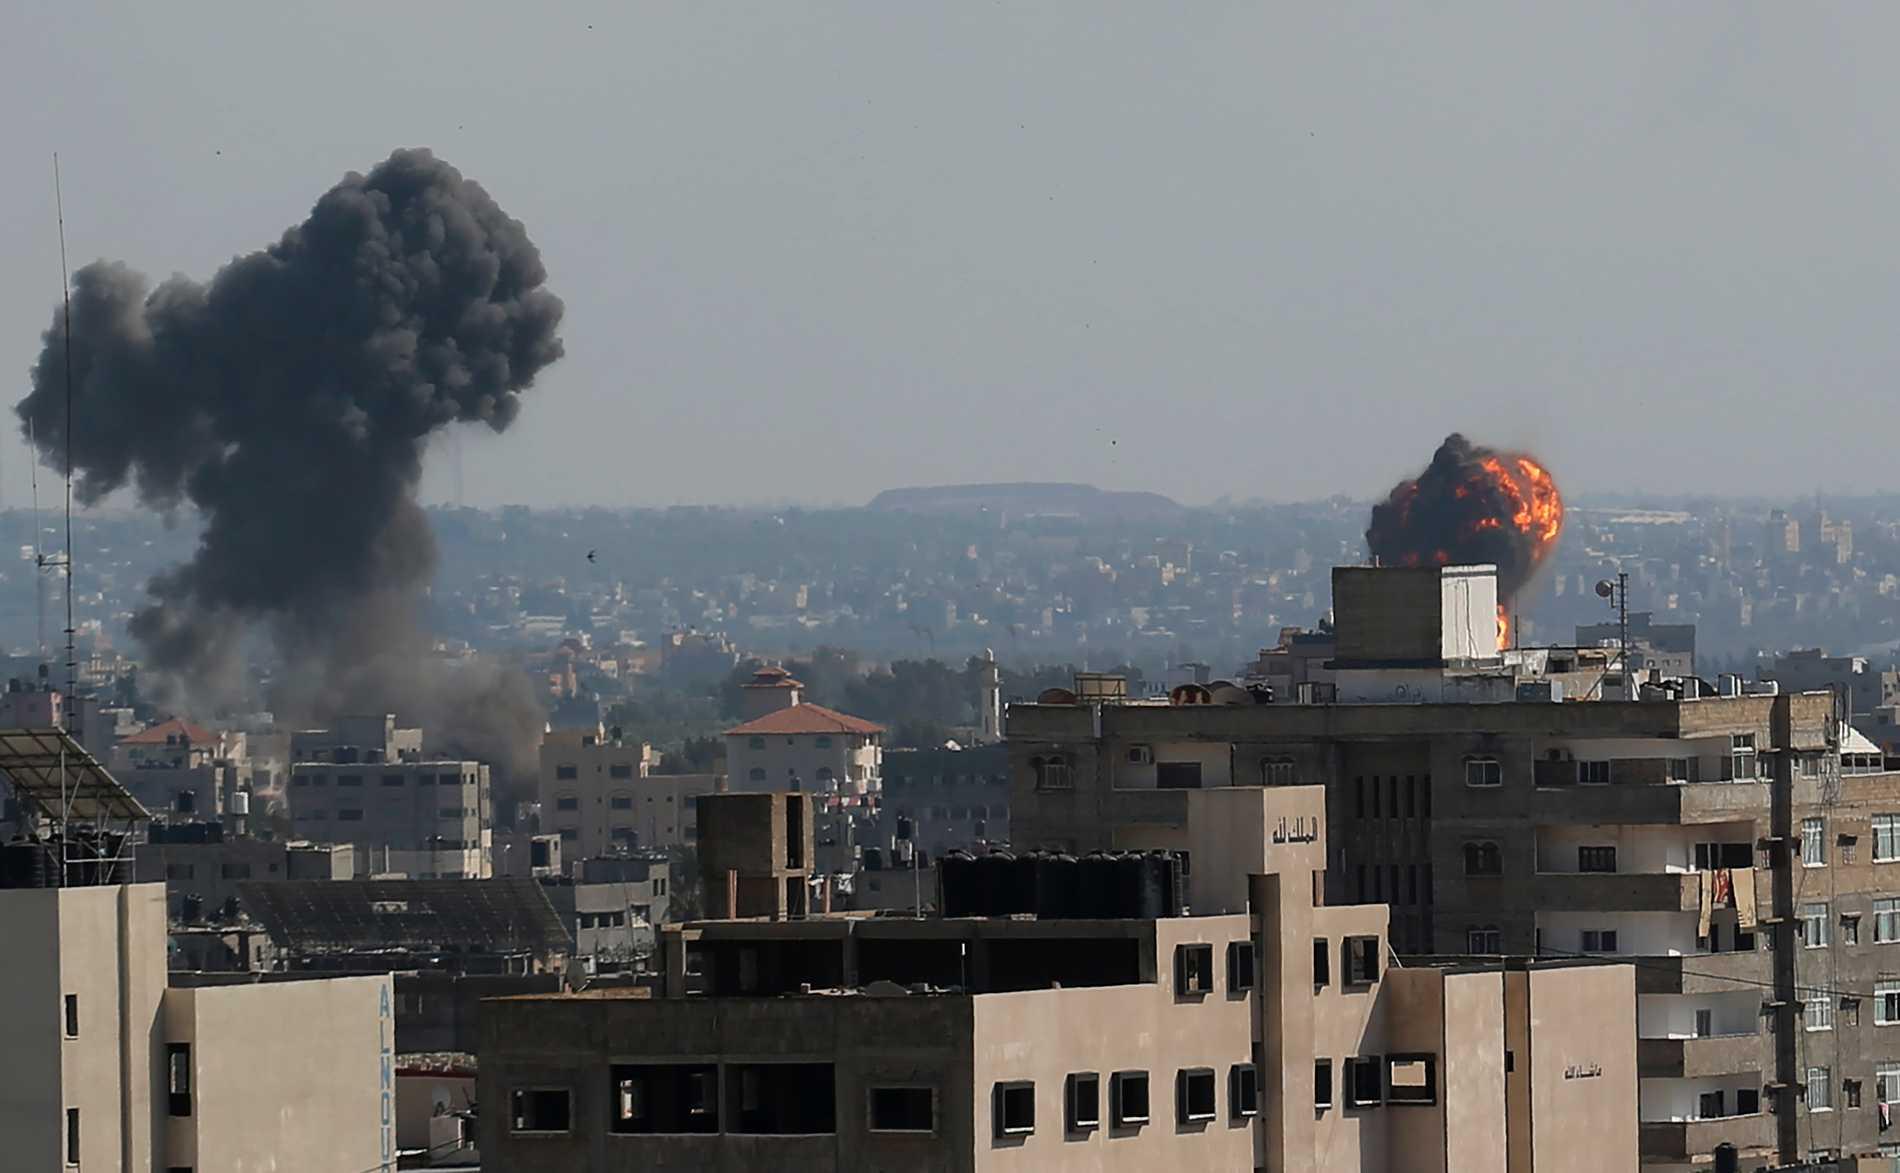 Hamas uppger att de skjutit 130 raketer mot Tel Aviv, efter flygattacken i Gaza.